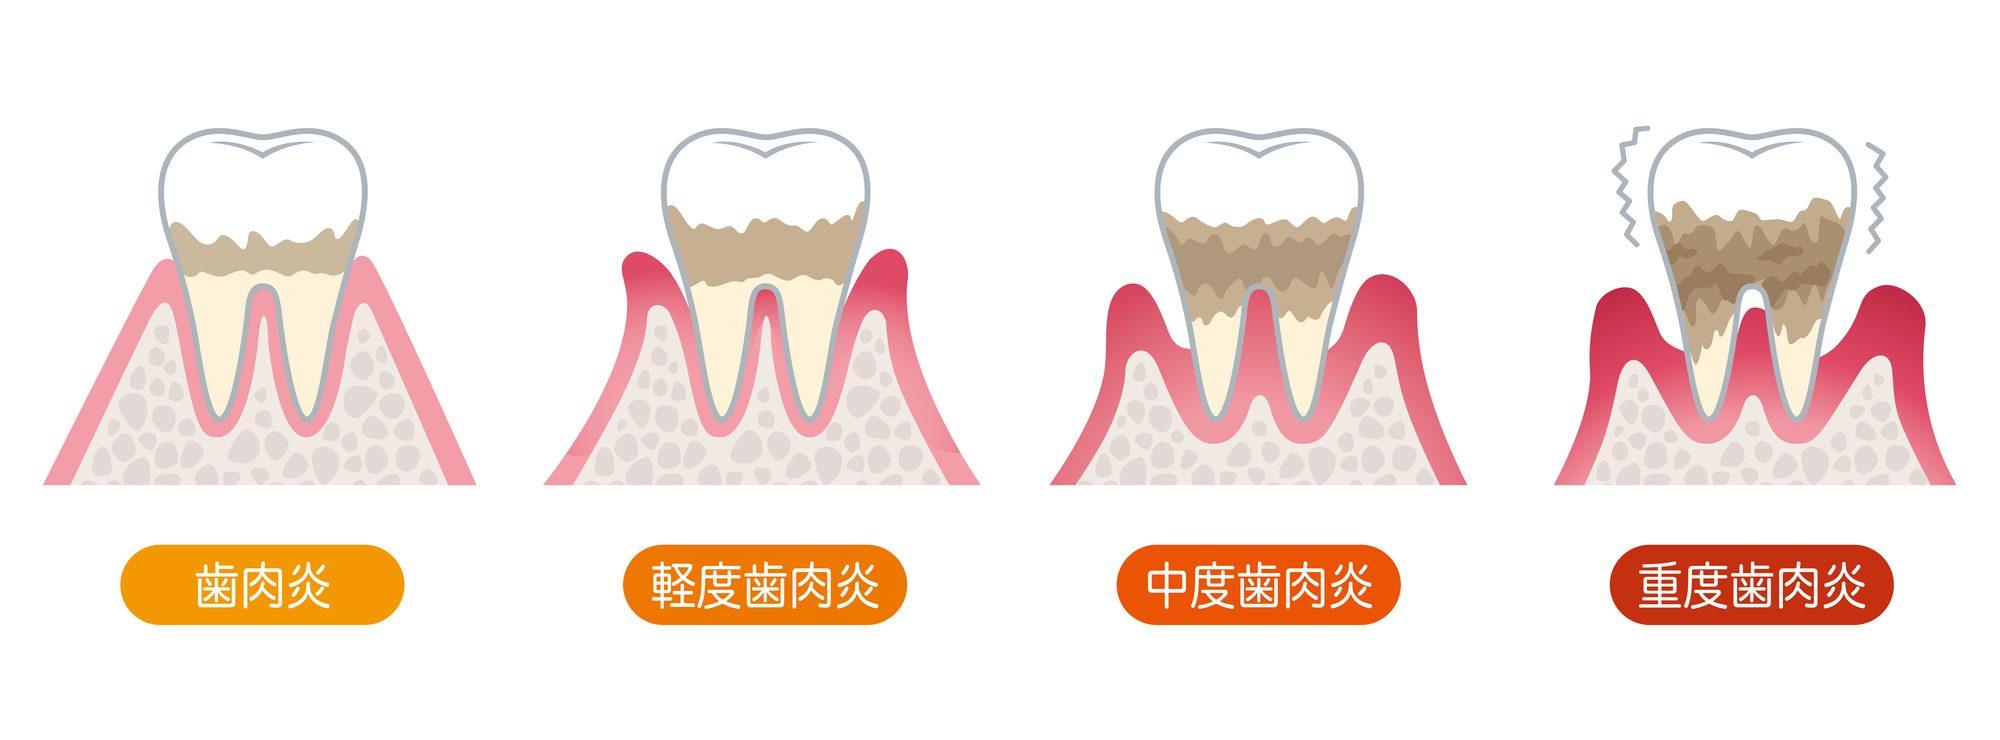 歯周病の進行度と症状